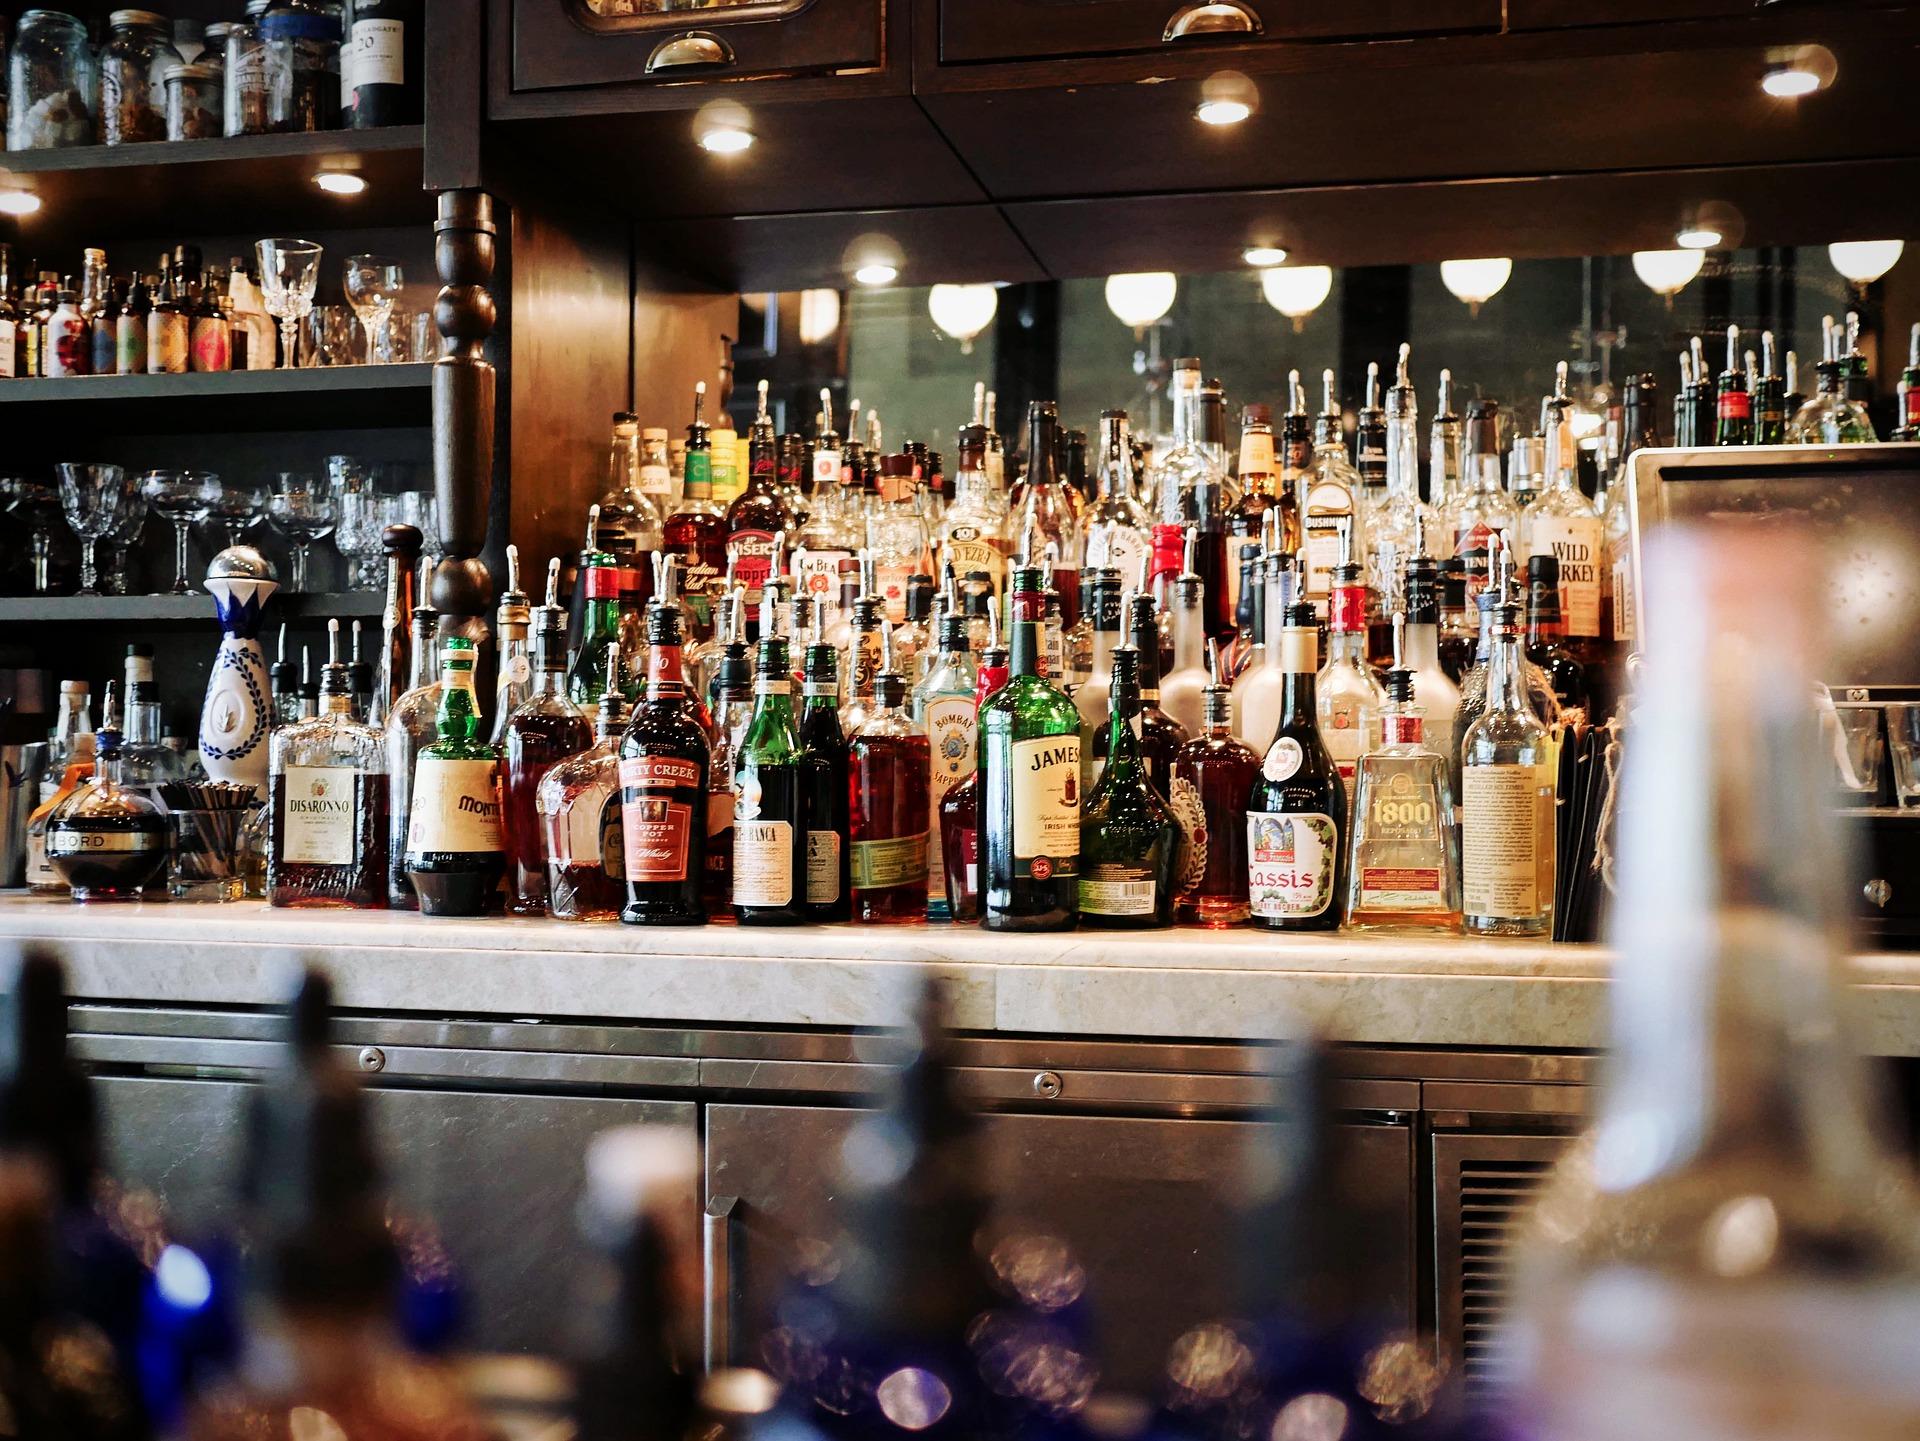 REINTRODUZIONE DELLA DENUNCIA FISCALE PER LA VENDITA DI ALCOLICI